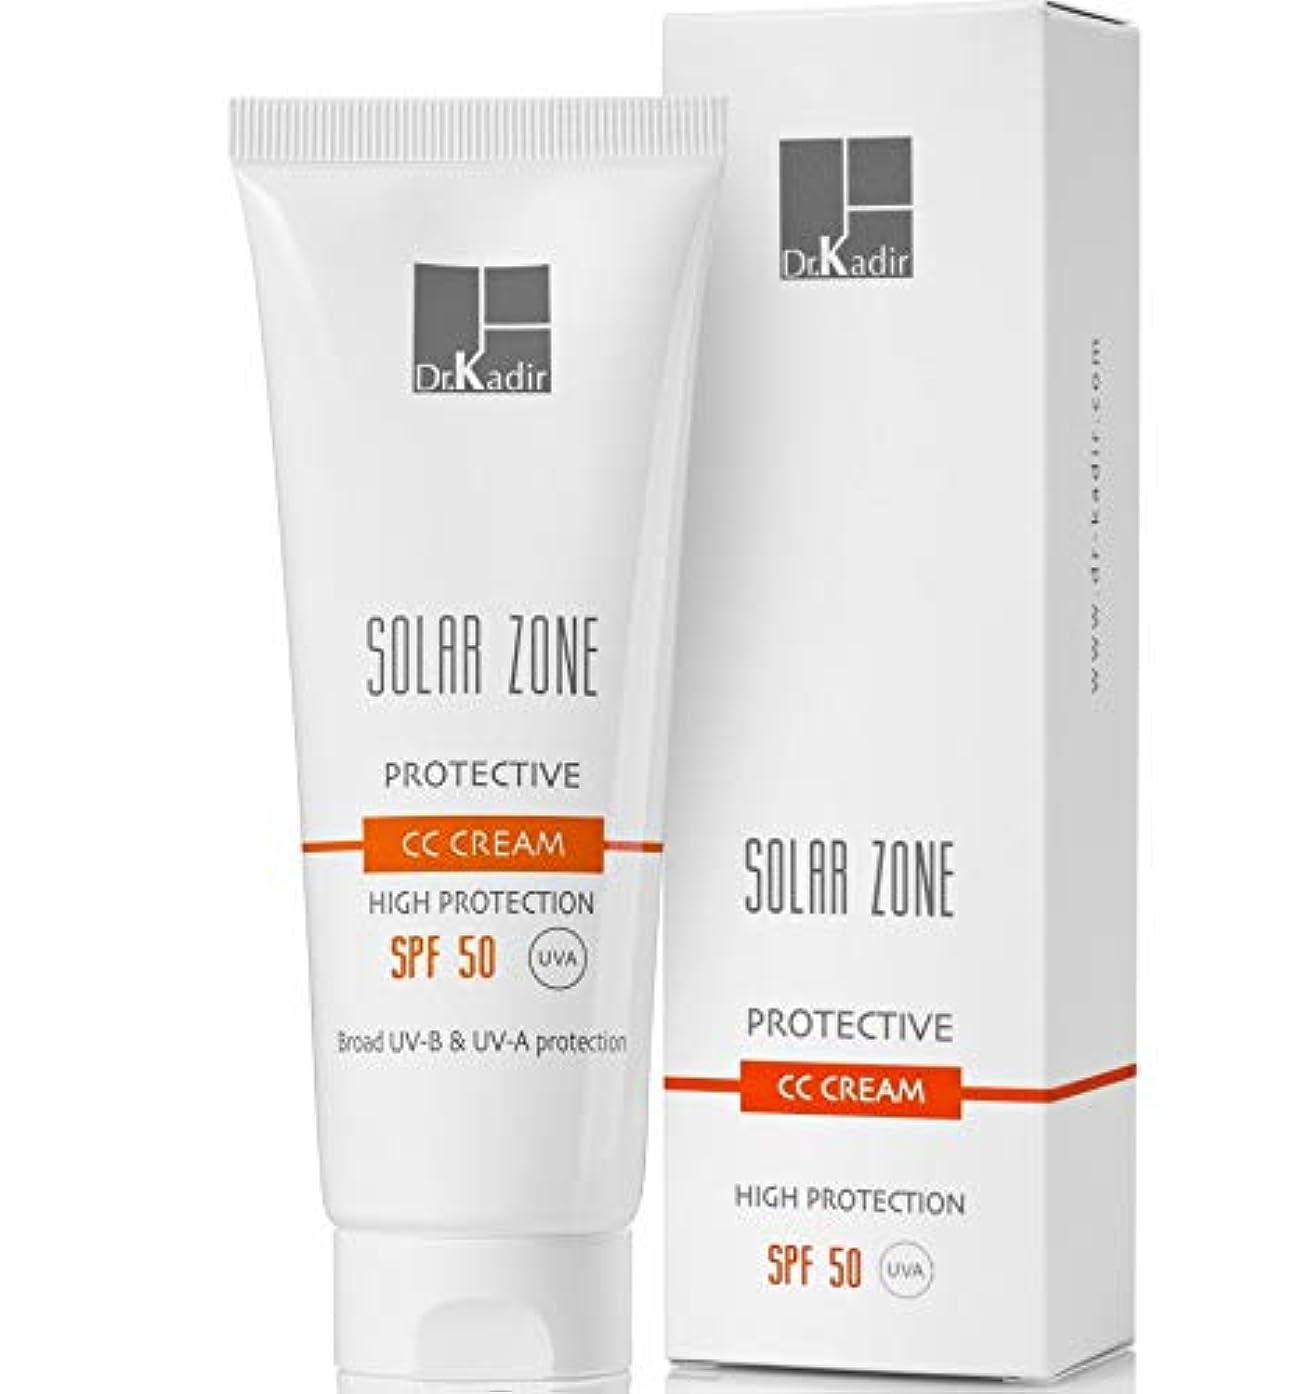 統合眠っているイタリアのDr. Kadir Solar Zone Protective CC Cream SPF 50 75ml